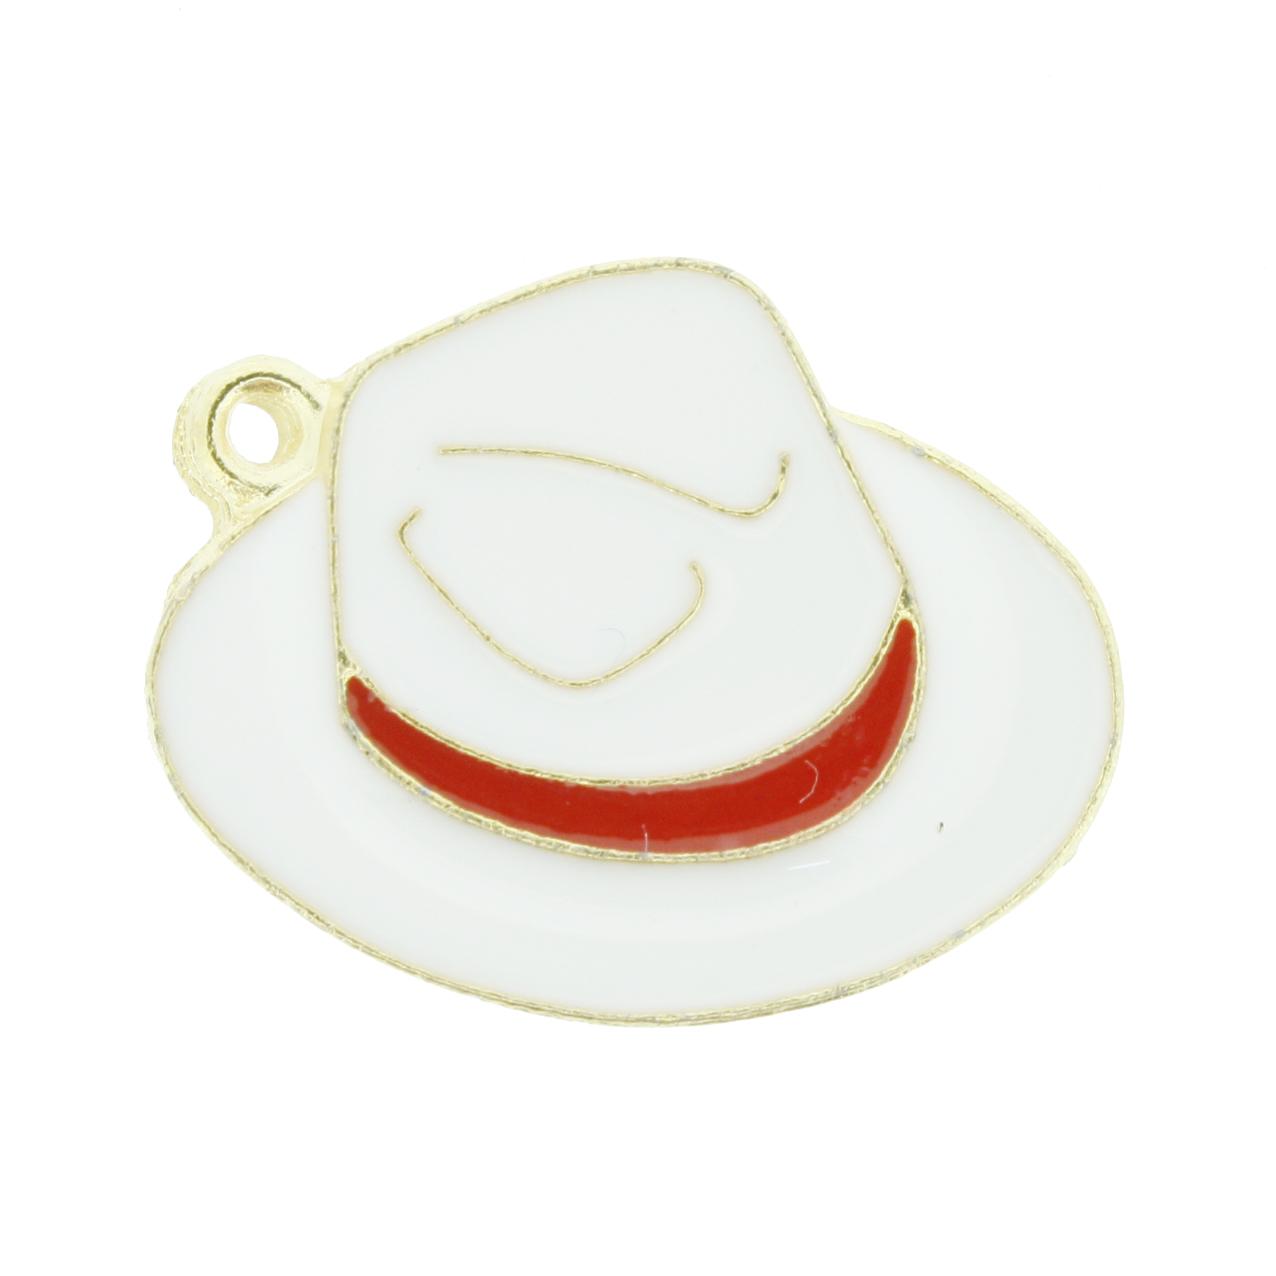 Chapéu Resinado Dourado - Branco e Vermelho - 22mm  - Universo Religioso® - Artigos de Umbanda e Candomblé